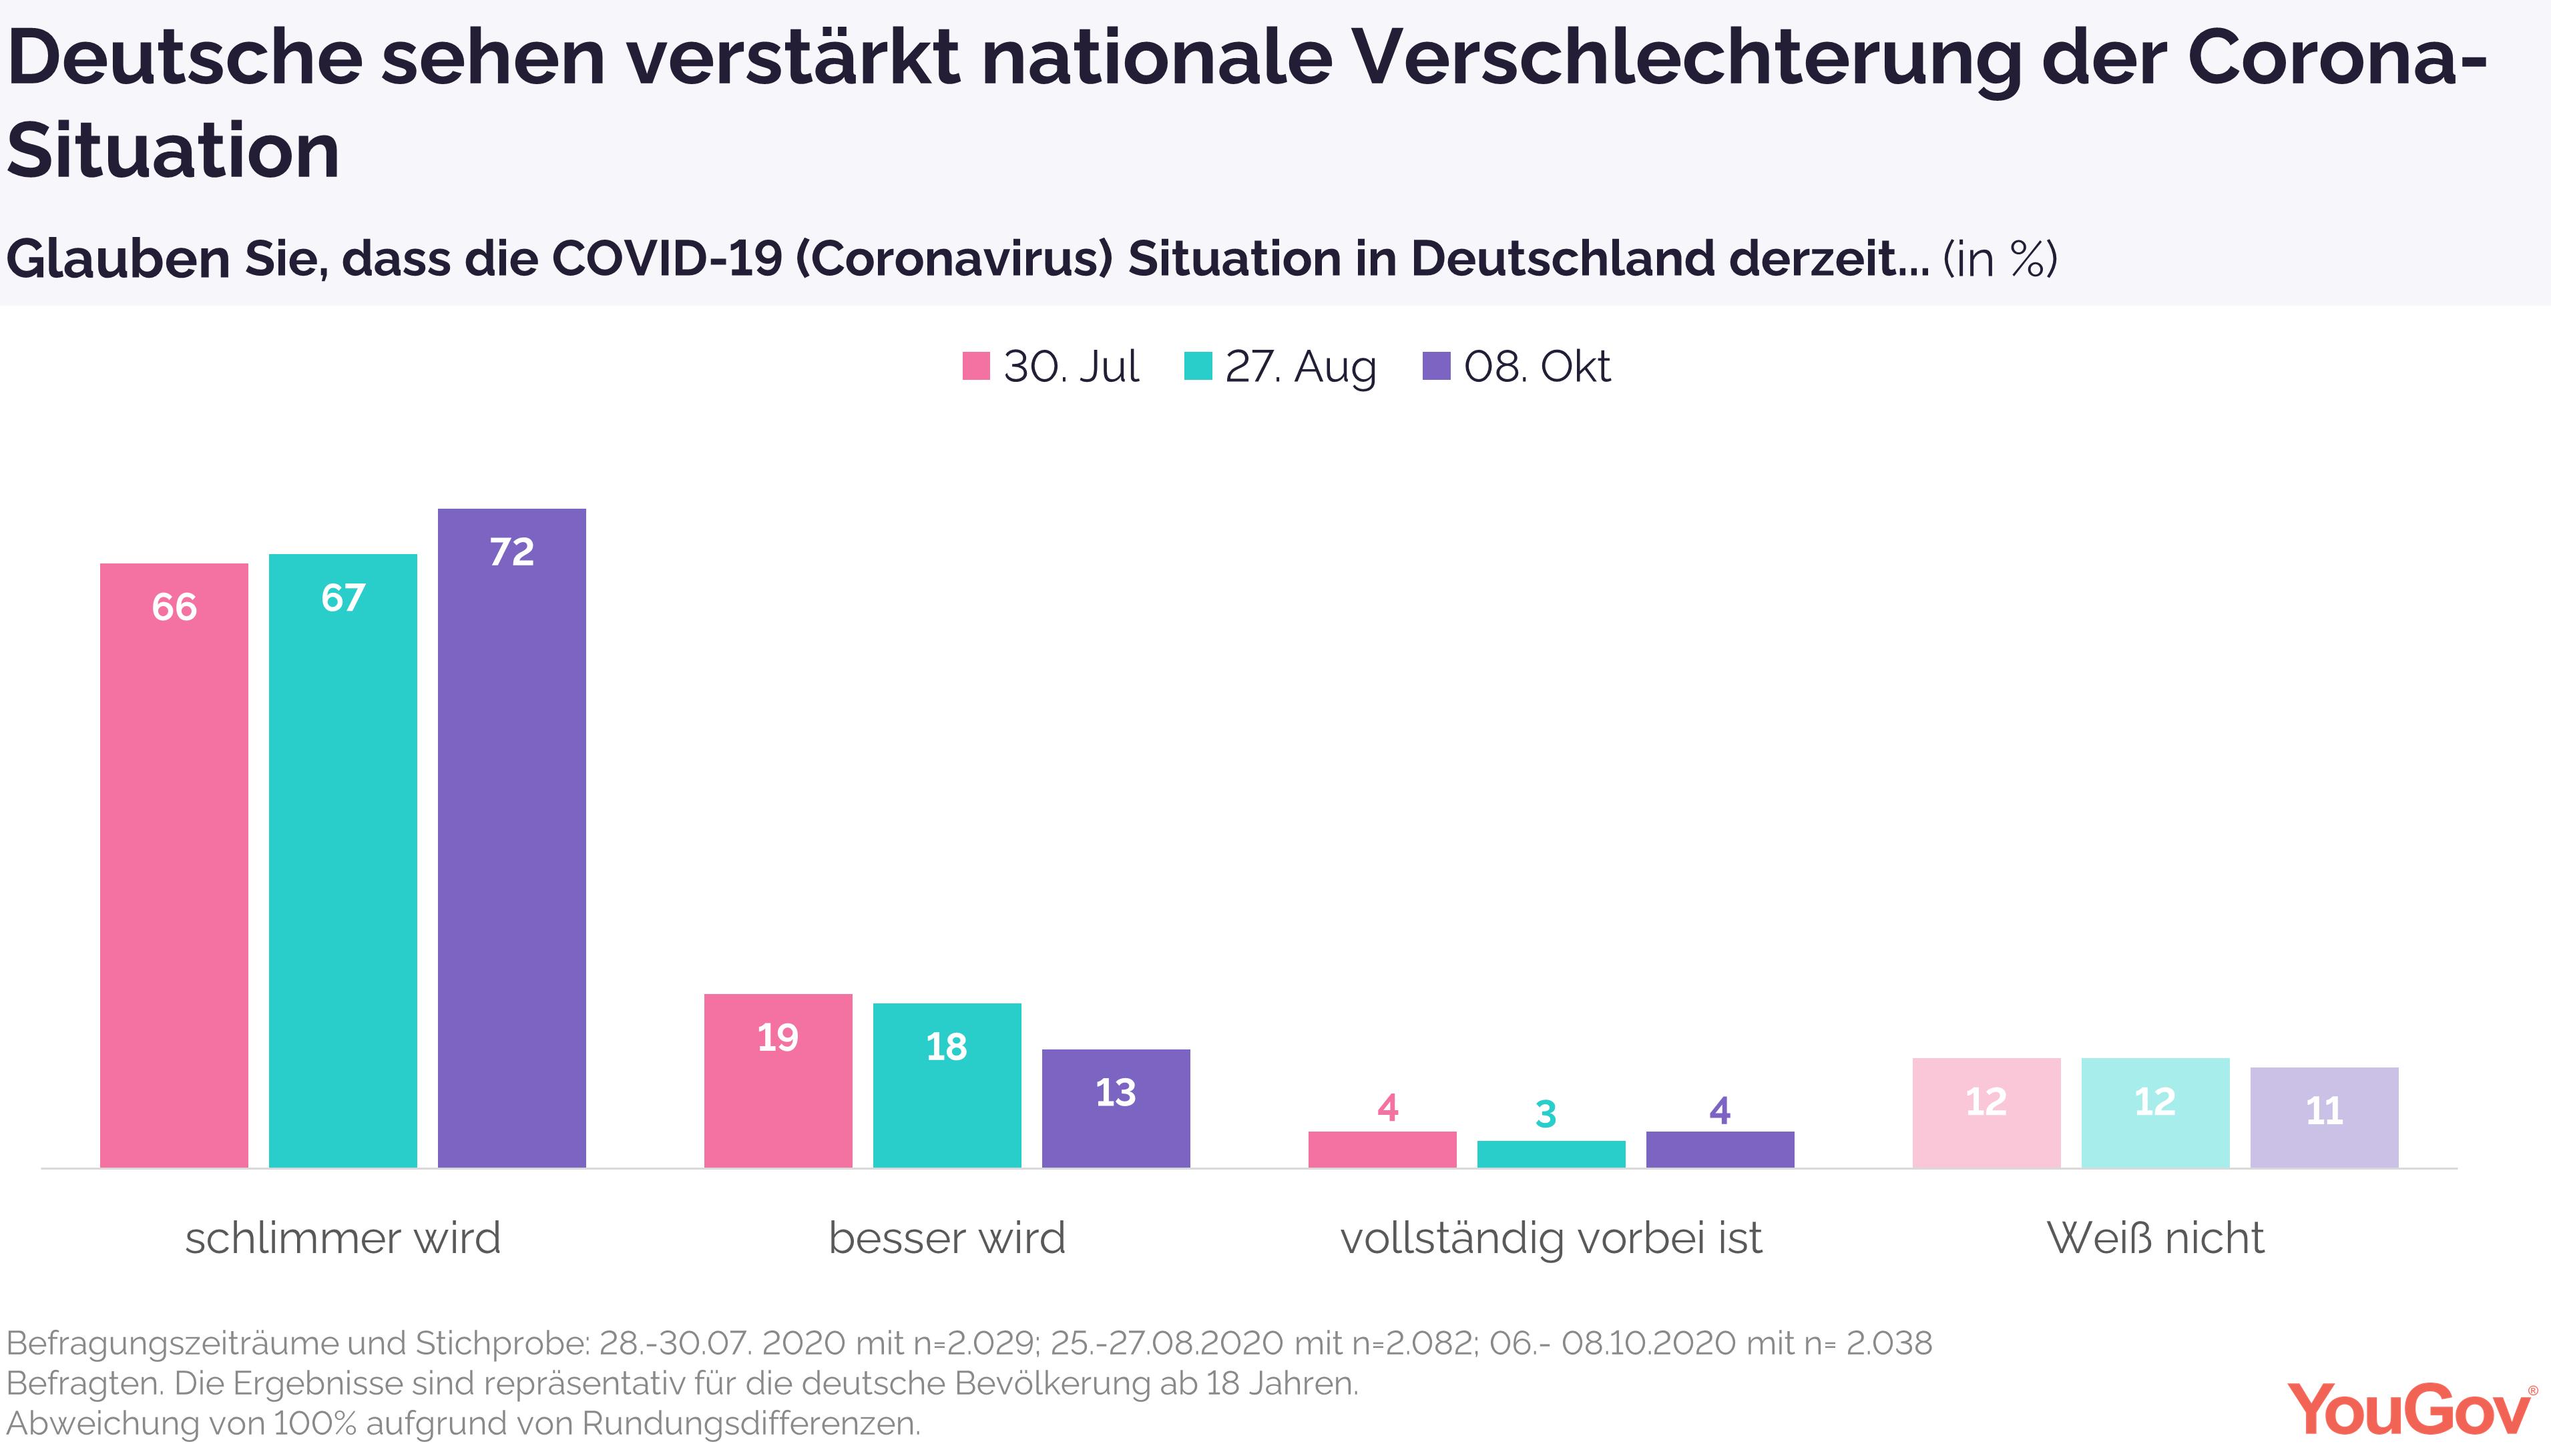 Deutsche sehen Verschlechterung der Corona-Situation in Deutschland